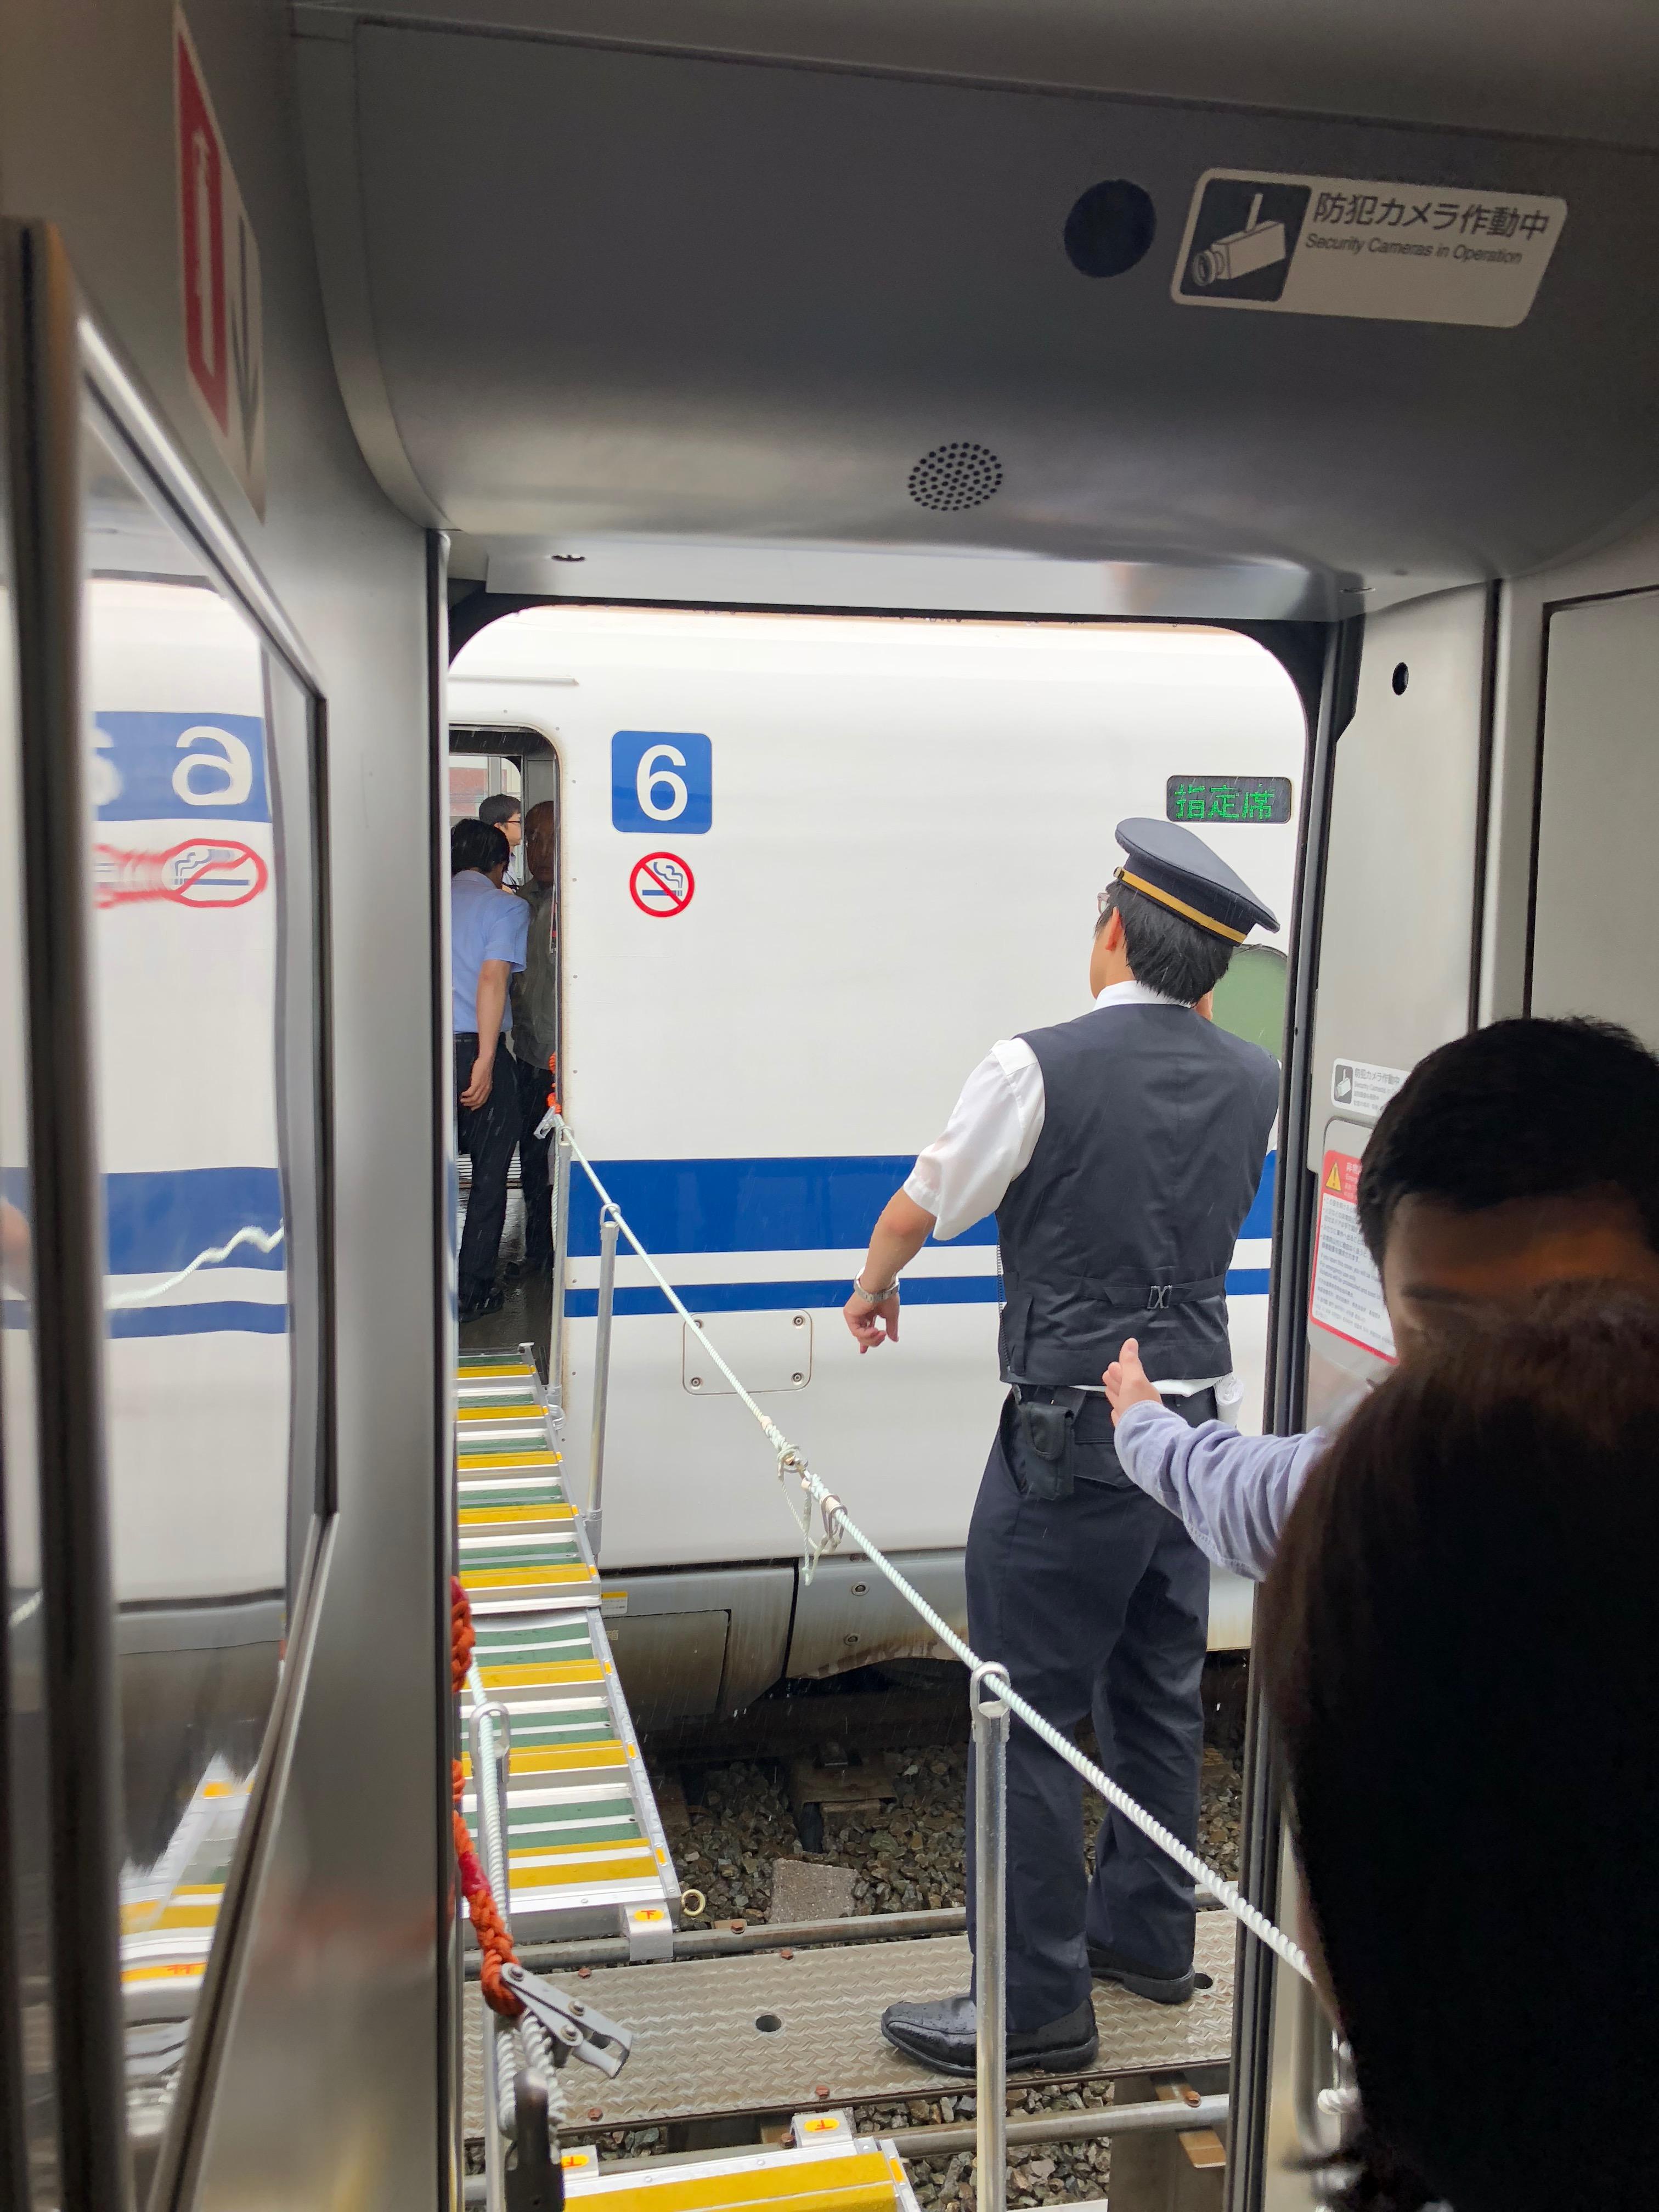 2018/6/18(月)7時58分頃発生した大阪地震で新幹線を連結し橋桁でホームへ